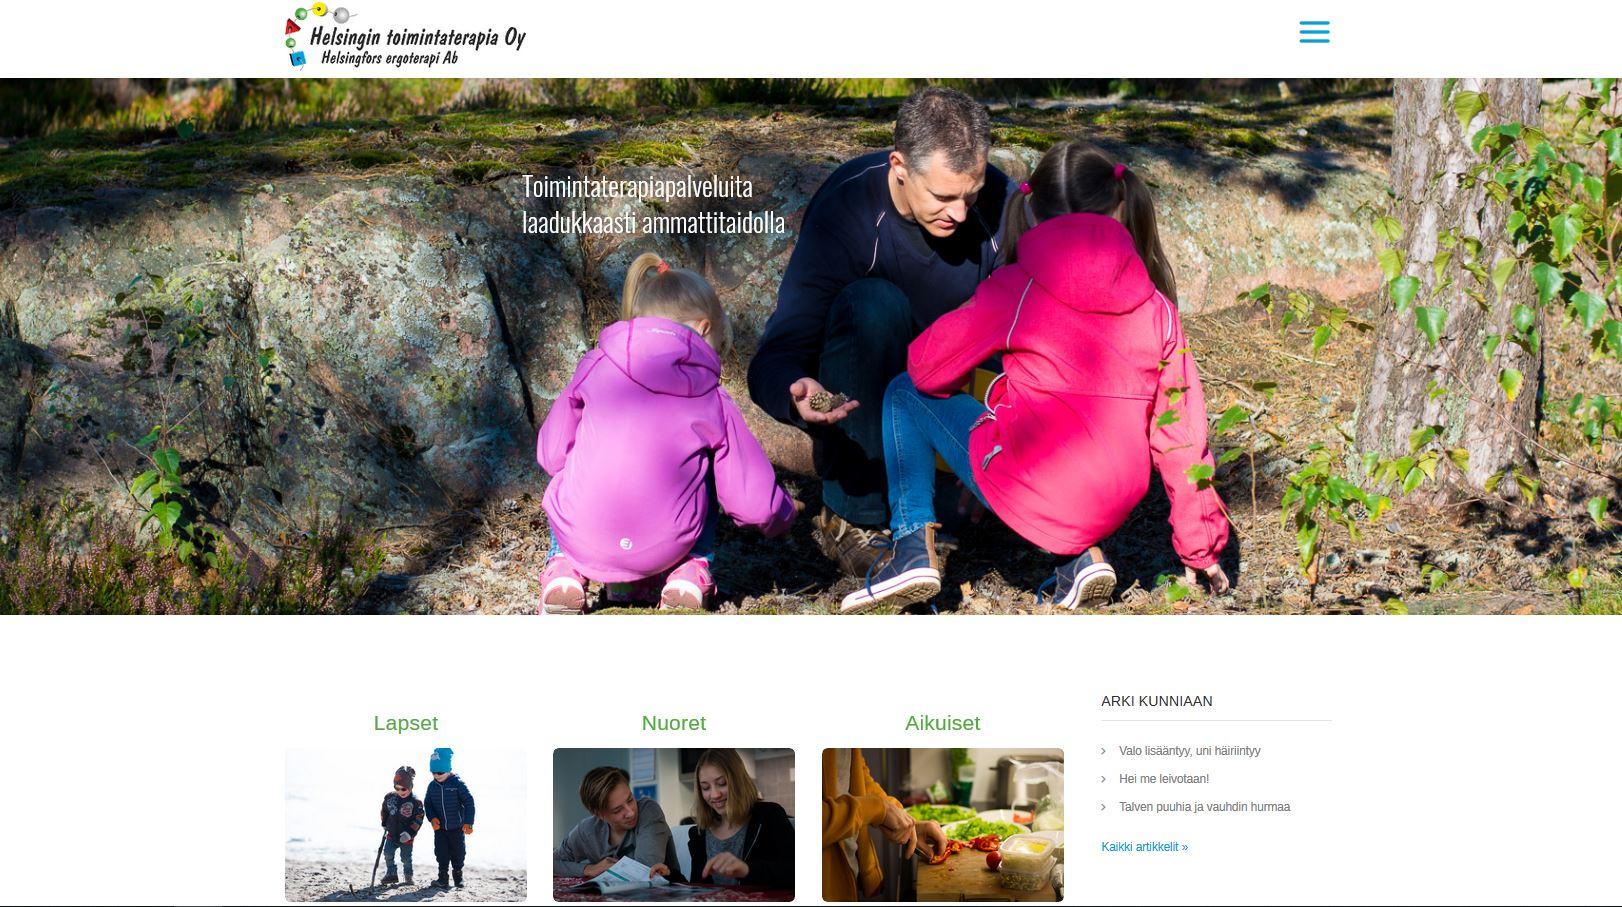 Helsingin toimintaterapia Oy